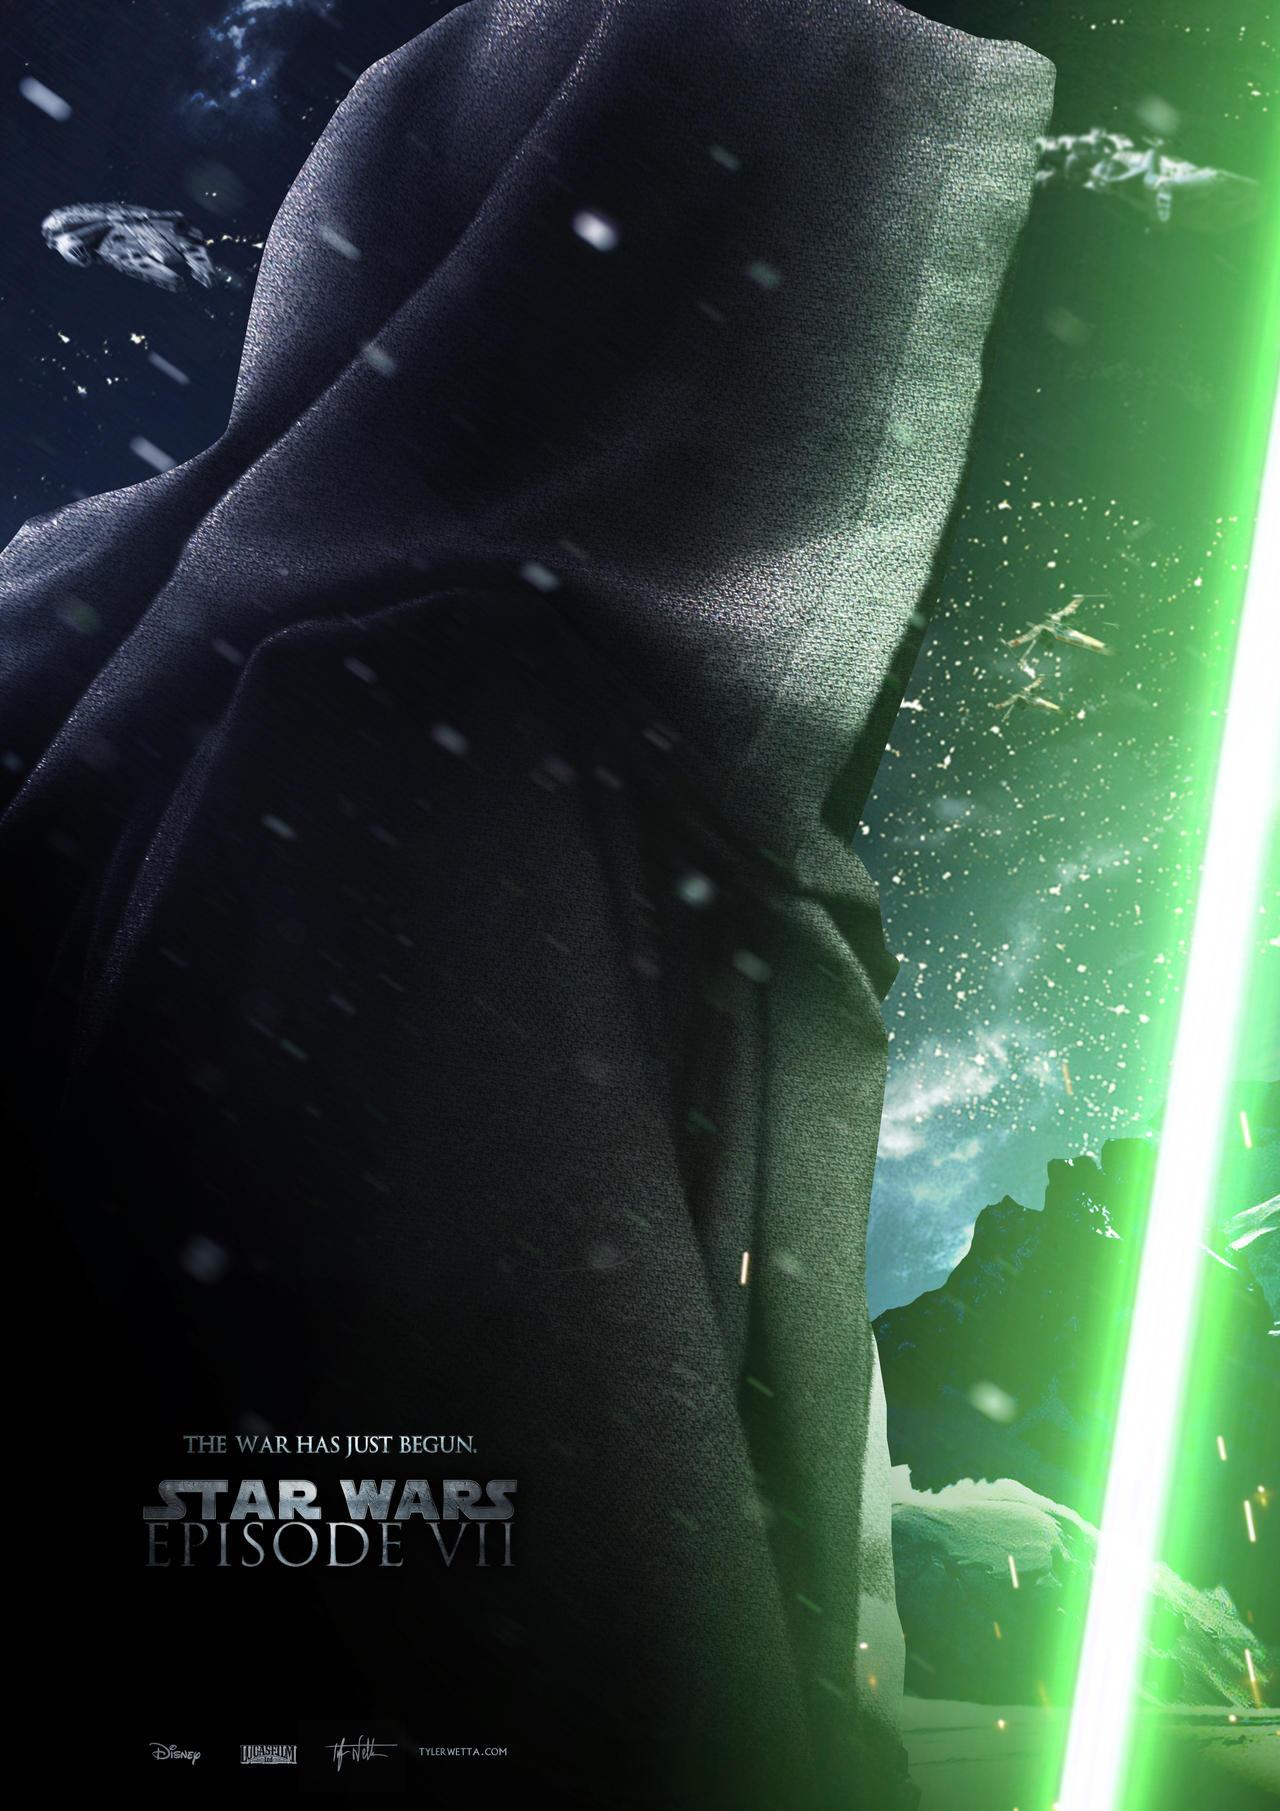 Star Wars Episode VII - Jedi